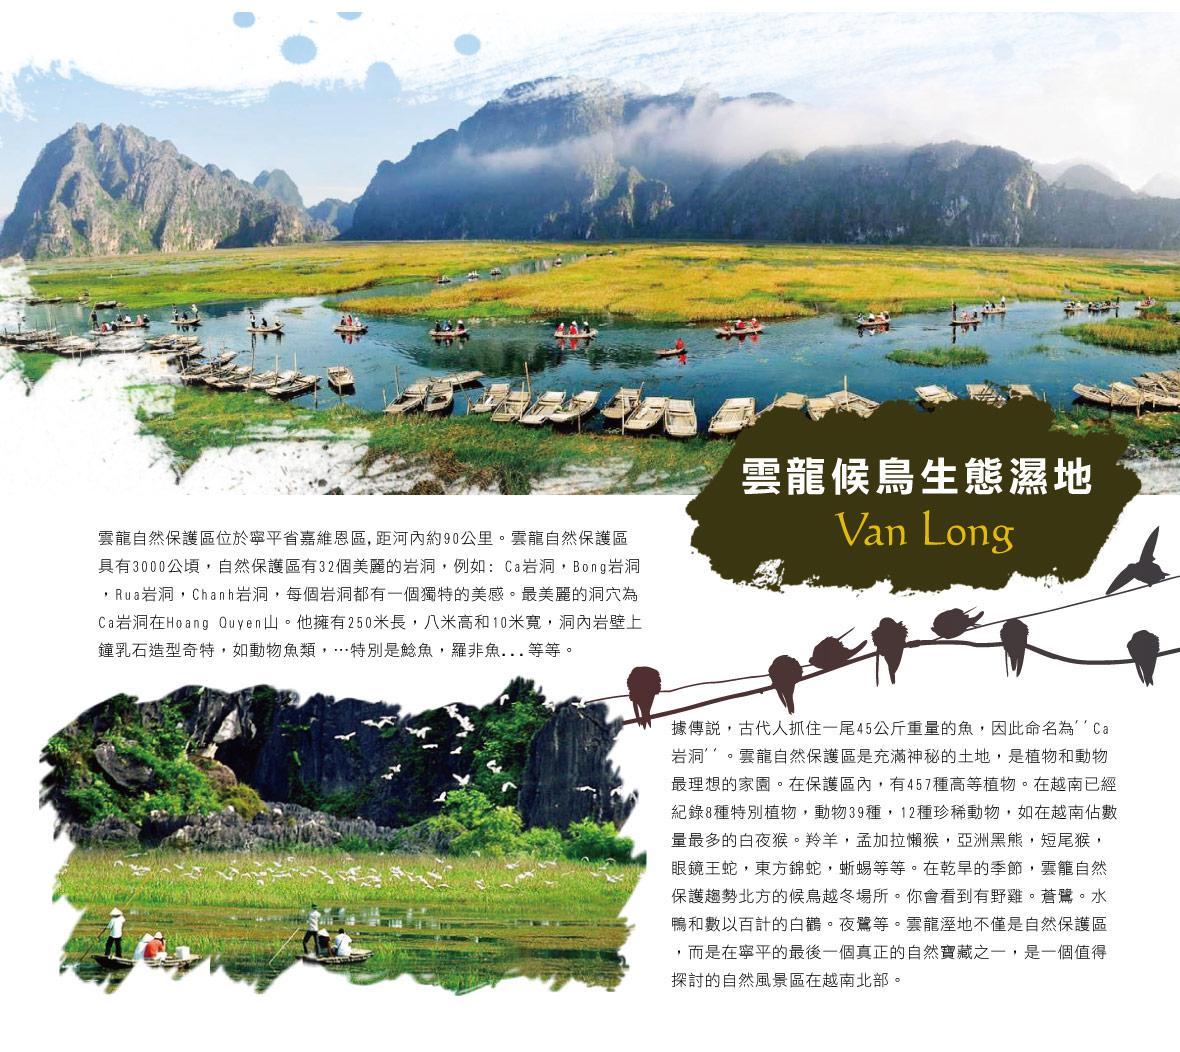 雲龍候鳥生態濕地Van Long